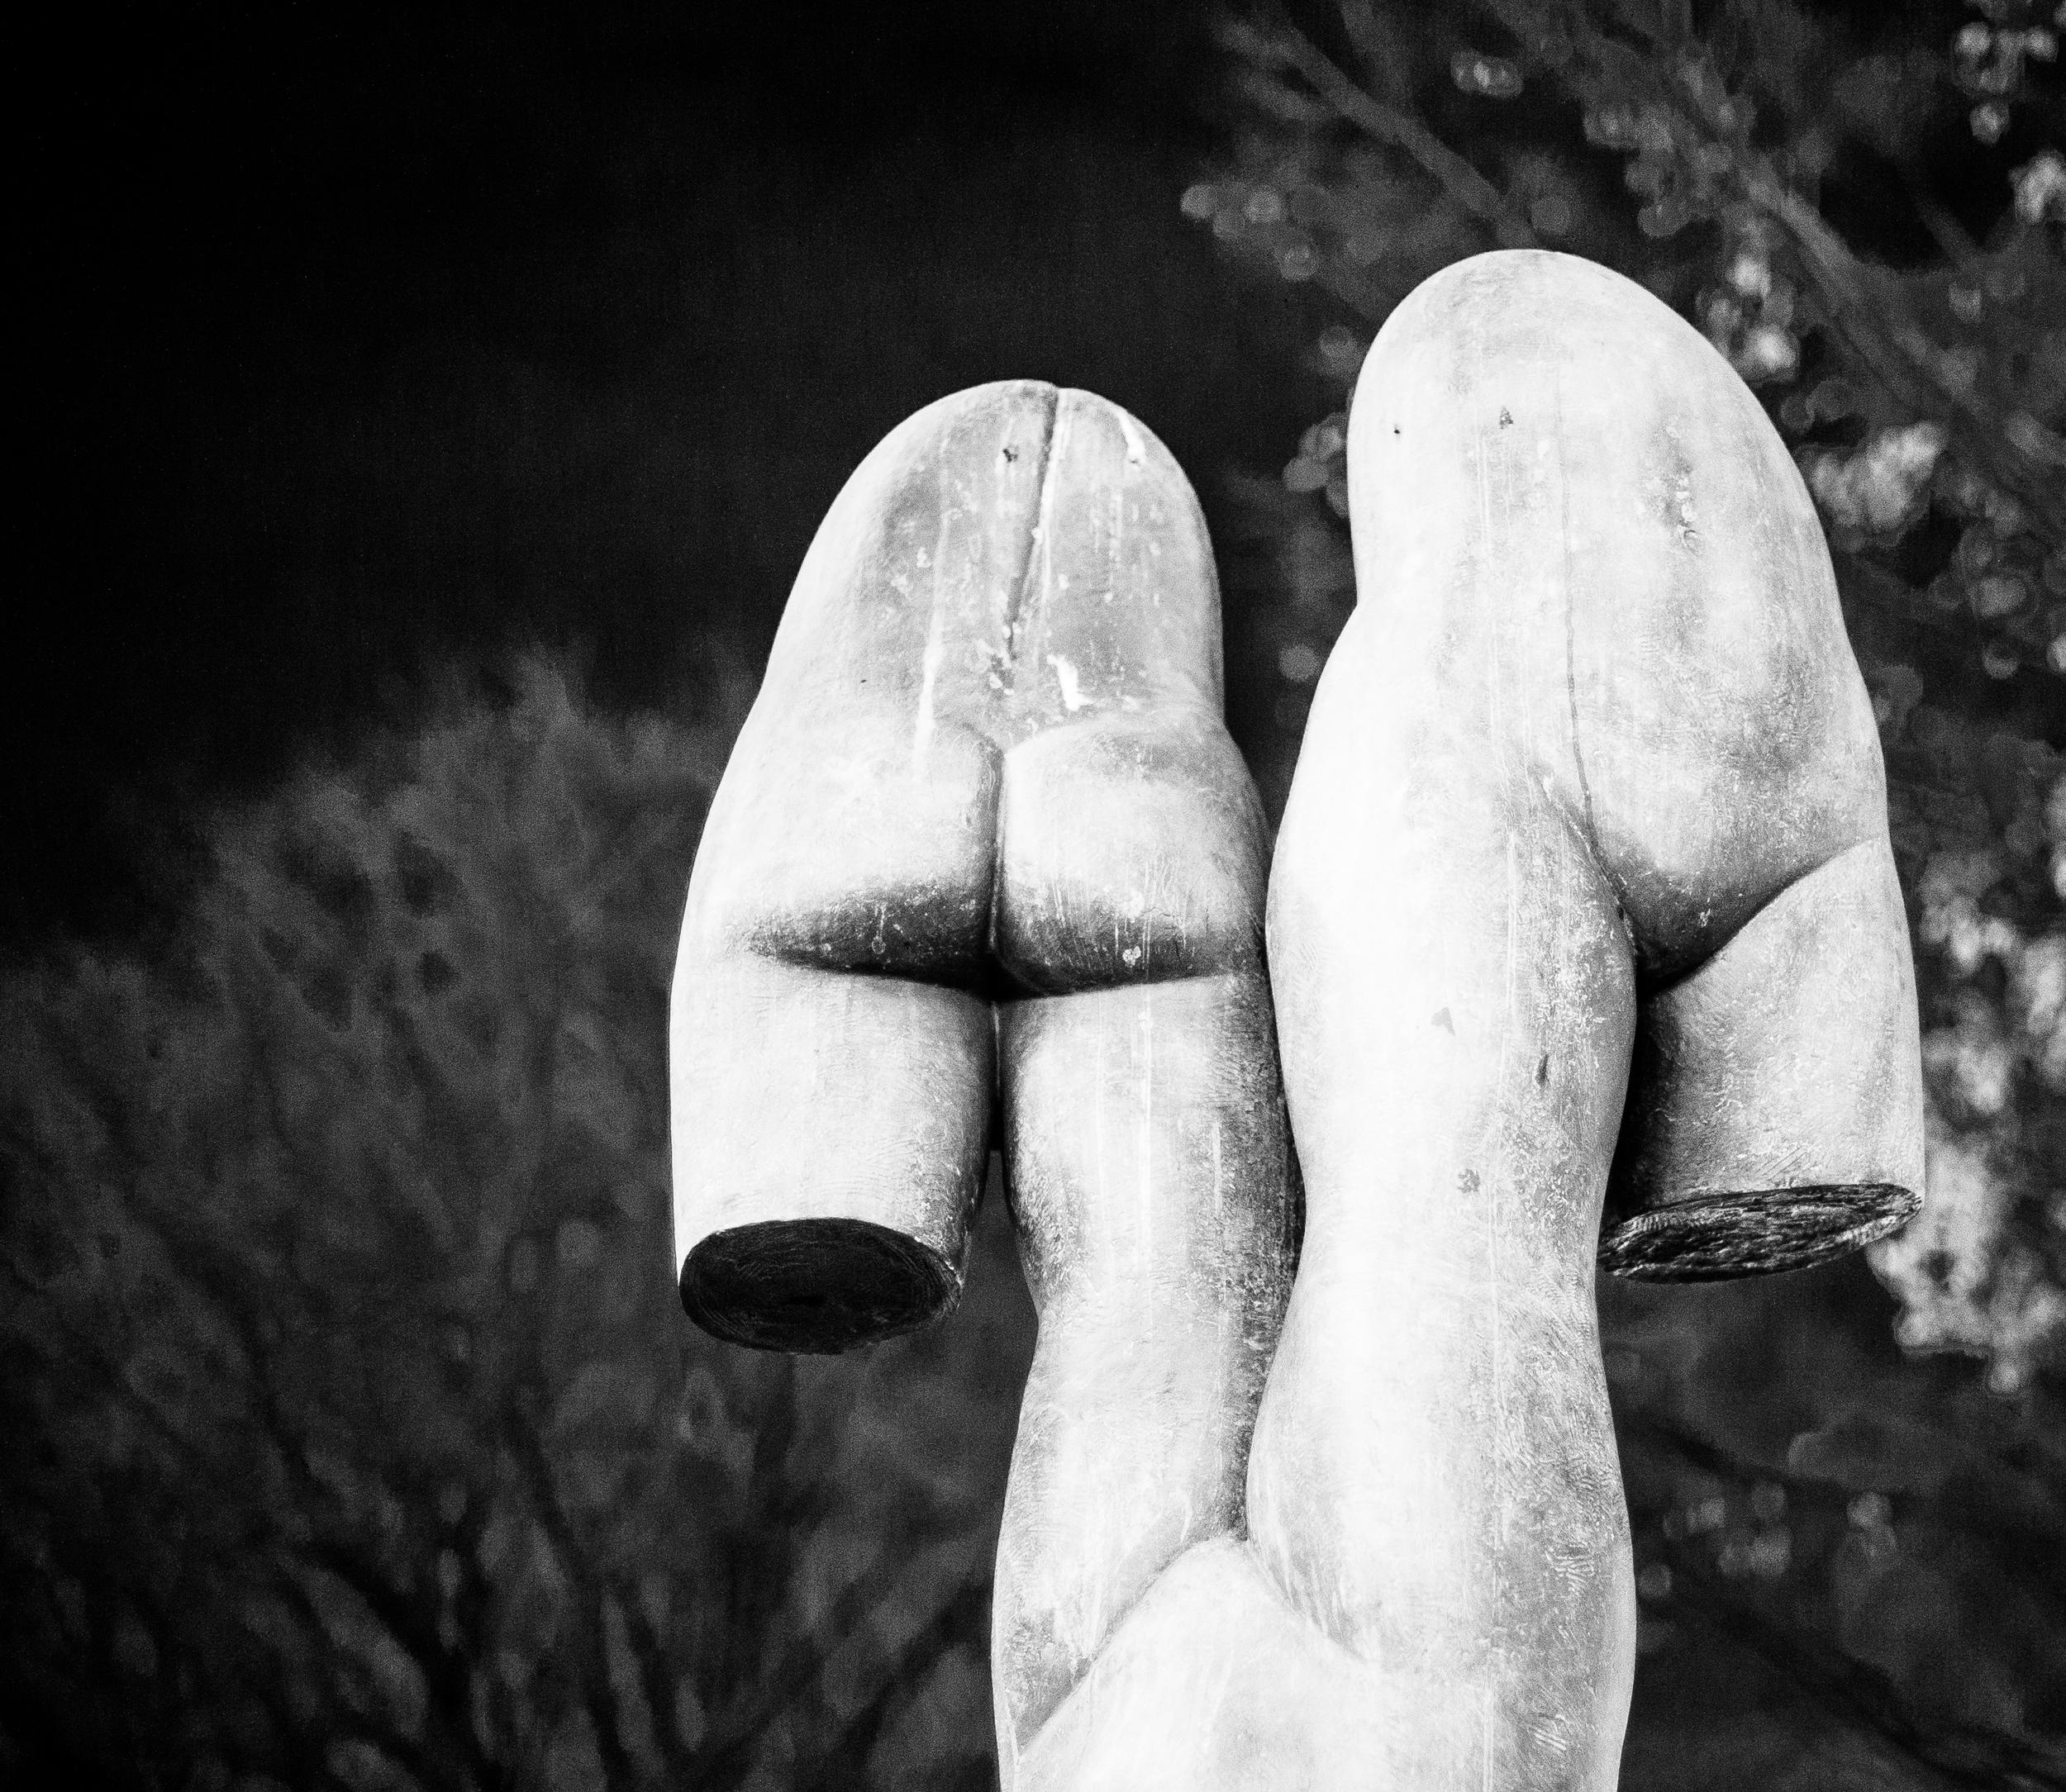 Monument of vaginas